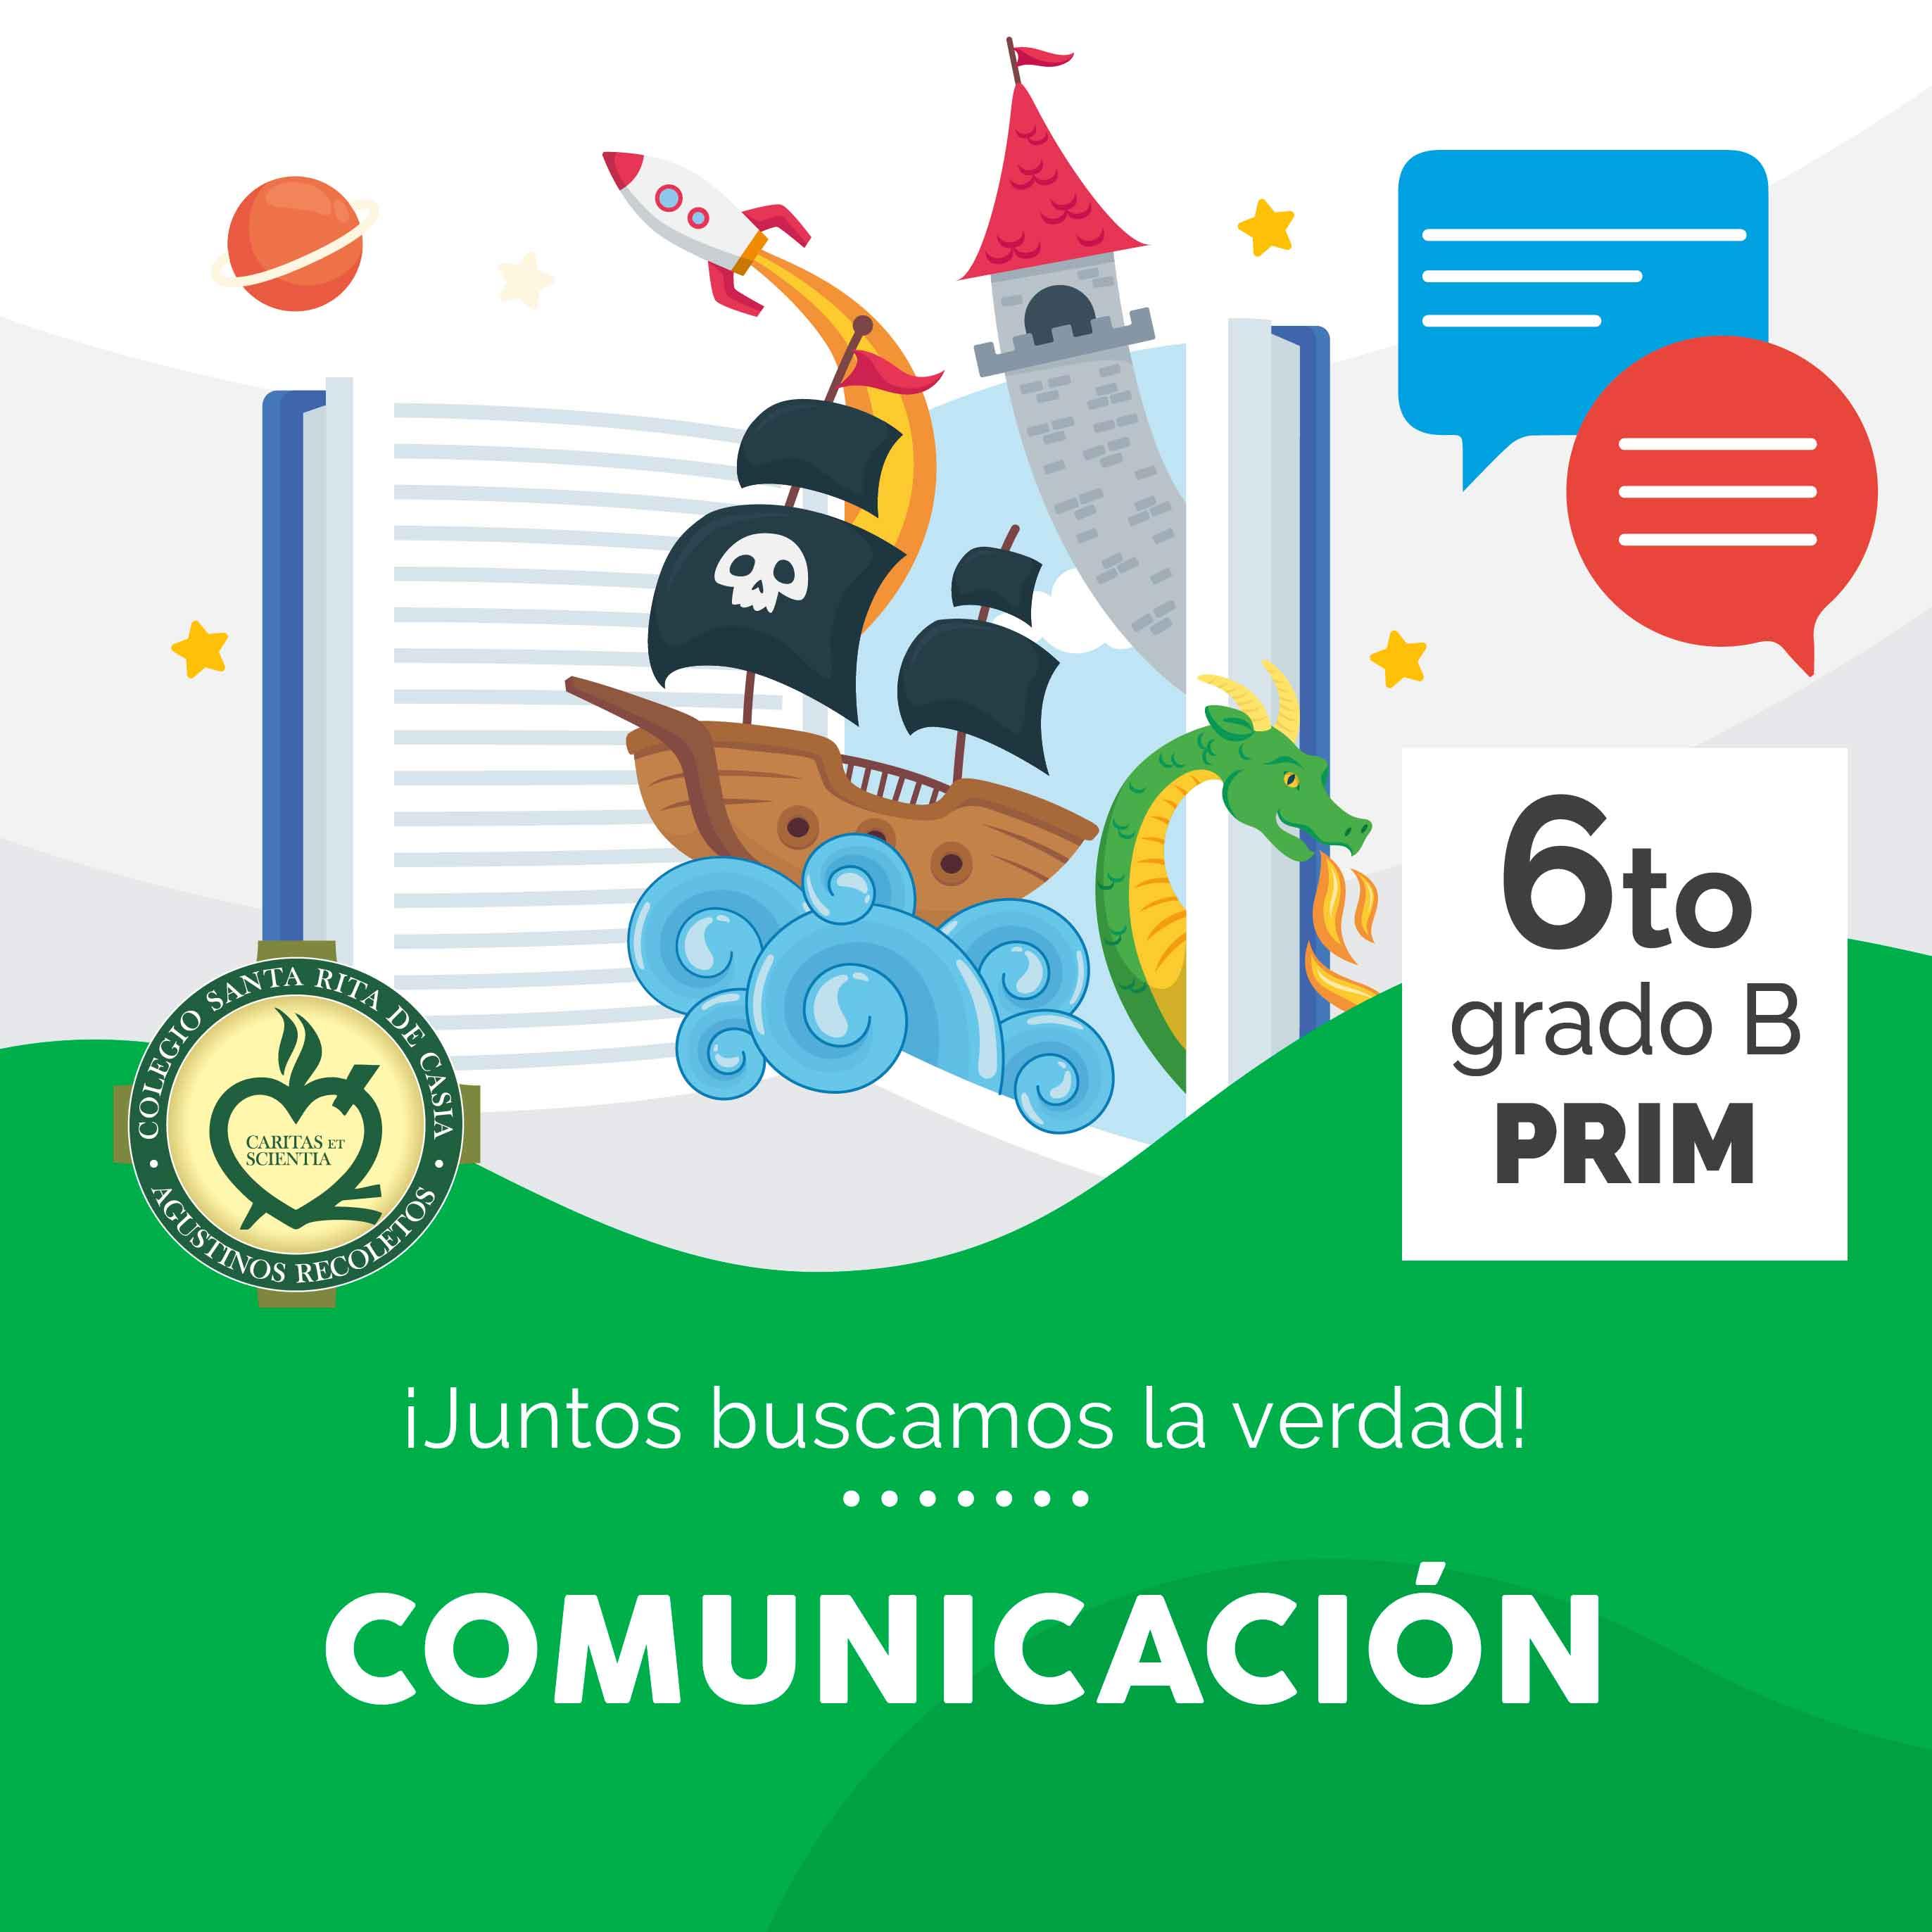 Comunicación 6to Grado B